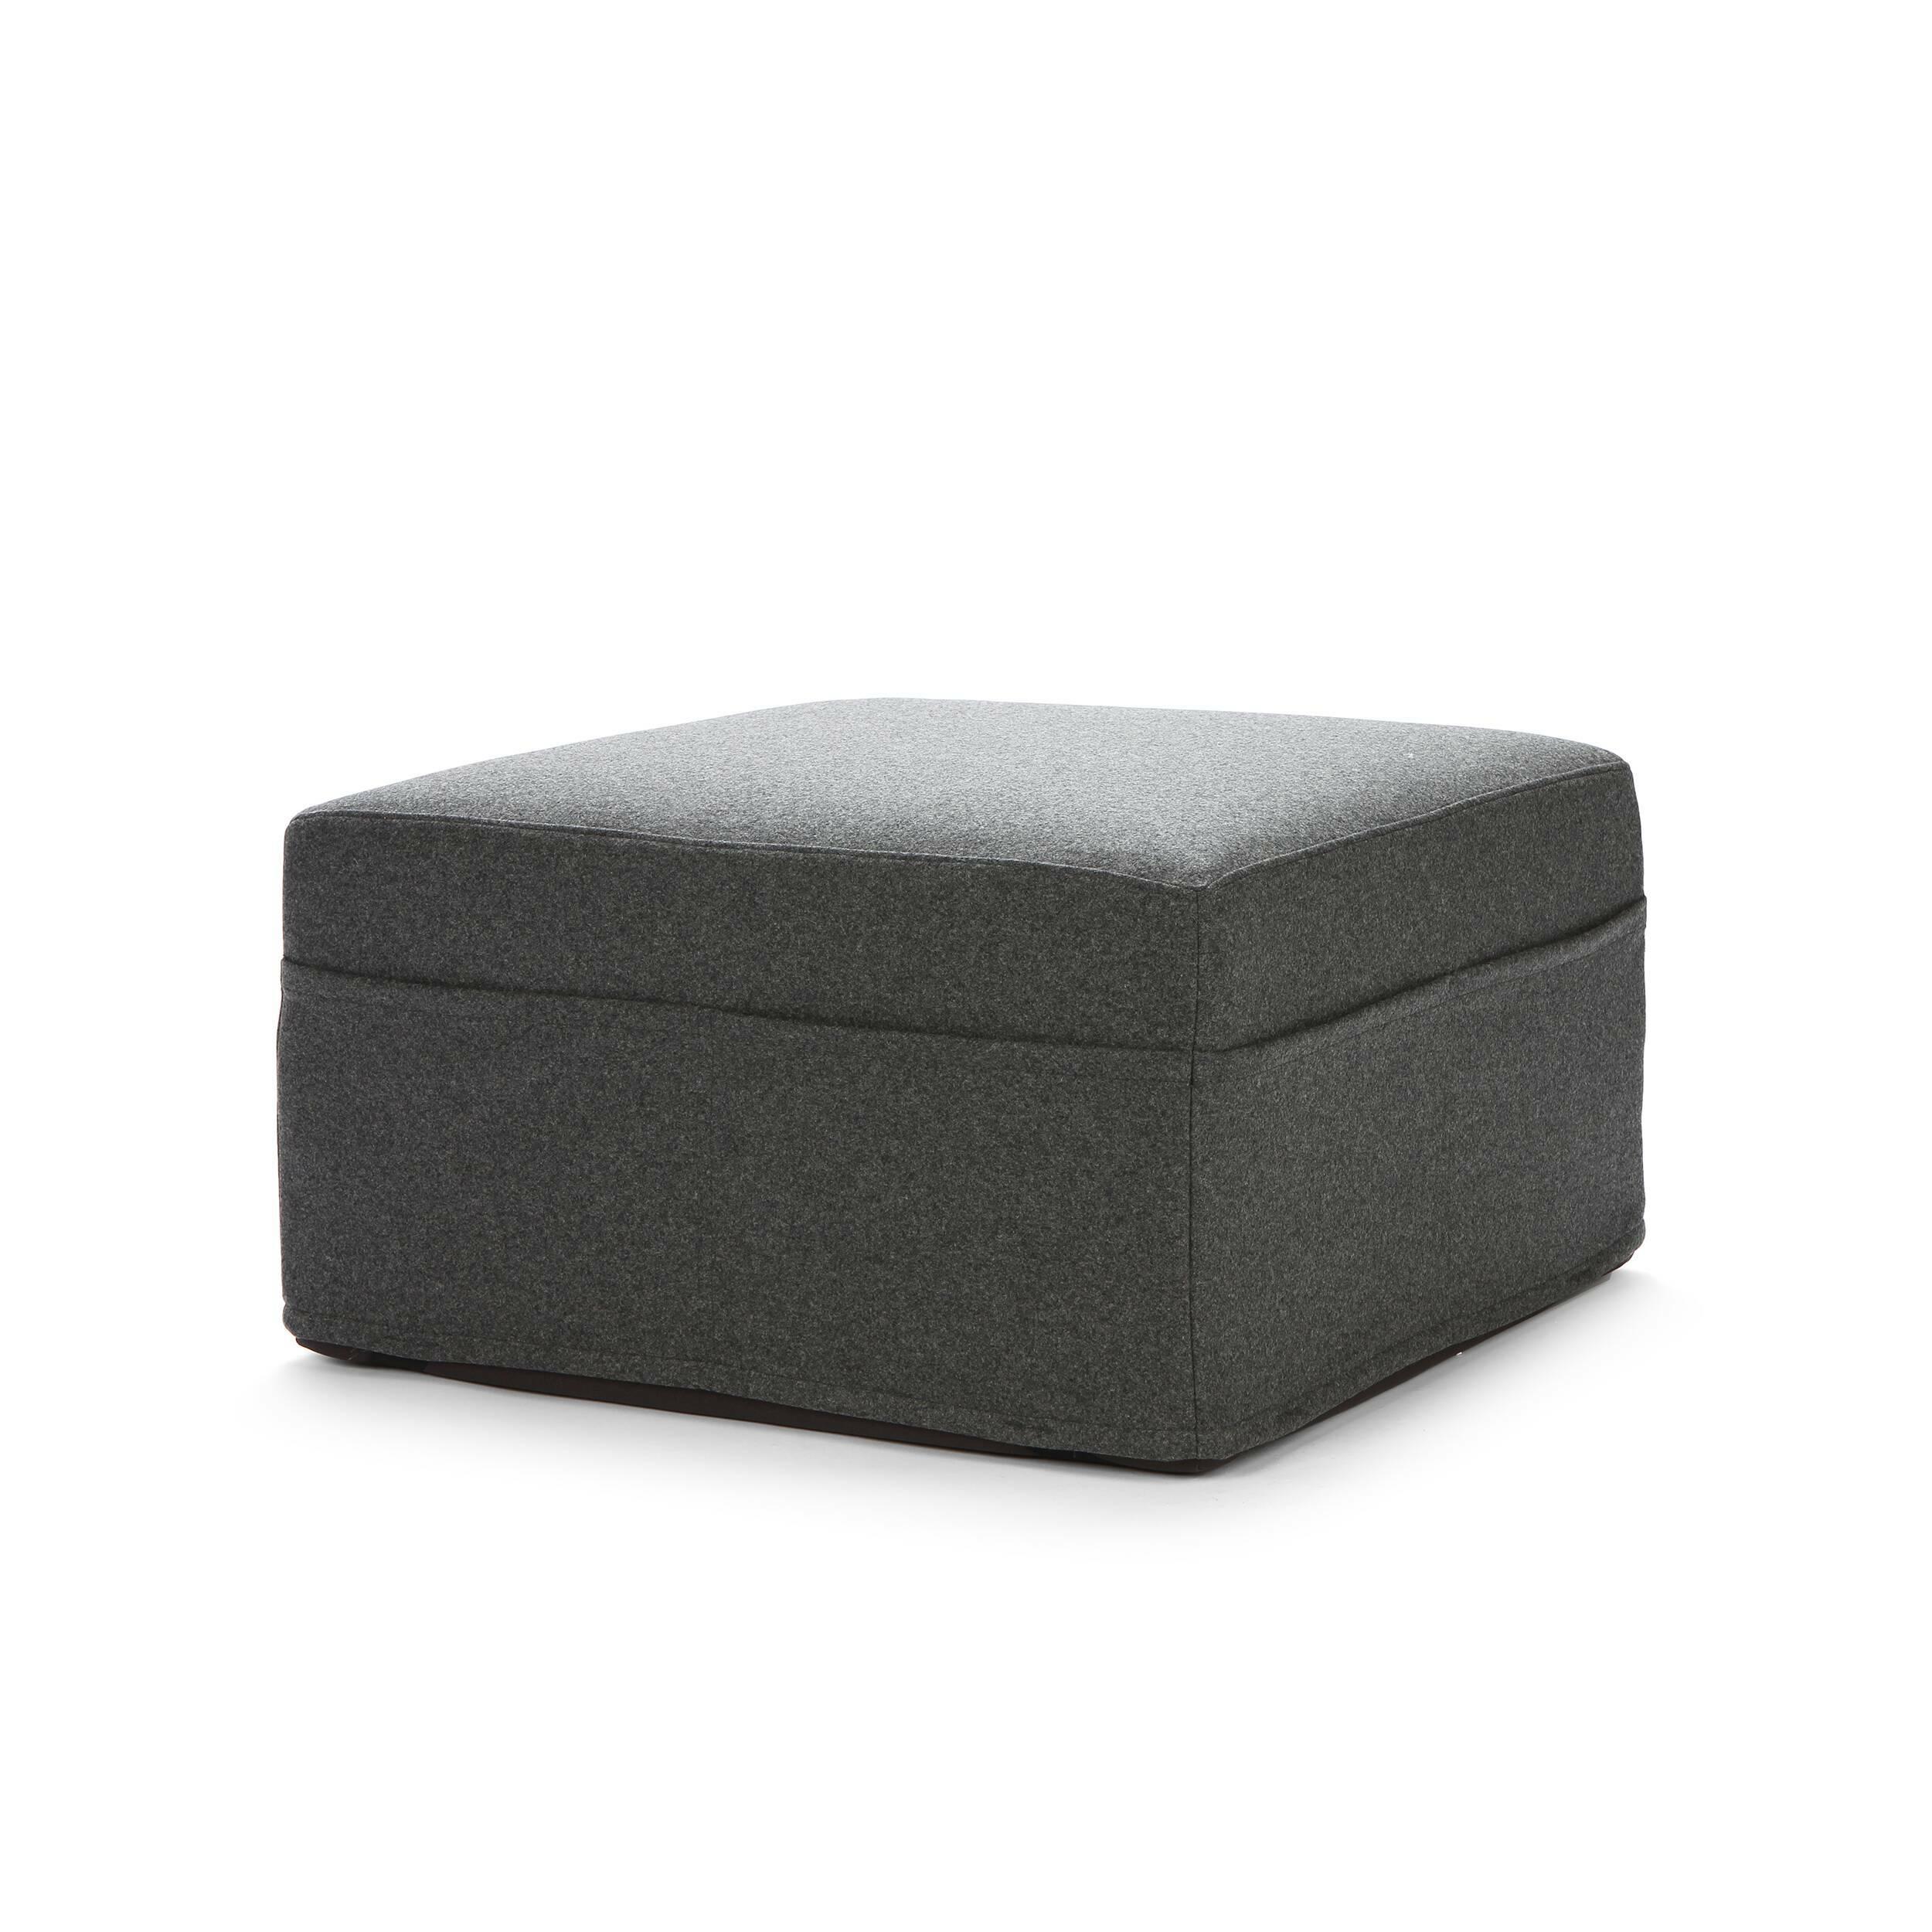 Пуф TrioПуфы и оттоманки<br>Пуф Trio — очень замысловатый предмет мебели, настоящий трансформер. Пуф в два счета можно превратить в полноценное спальное место. Это крайне удобно для городских жителей, поскольку в квартирах каждый сантиметр свободного пространства на вес золота.<br> <br> Trio состоит из складывающегося втрое матраса. На нем можно разместить гостей, также он удобен для семей с детьми, ведь дети часто любят играть на полу. Этот пуф не только функциональное, но стильное дополнение к вашему современному интерьер...<br><br>stock: 0<br>Высота: 36<br>Ширина: 65<br>Глубина: 65<br>Материал сидения: Войлок<br>Цвет сидения: Серый<br>Тип материала сидения: Ткань